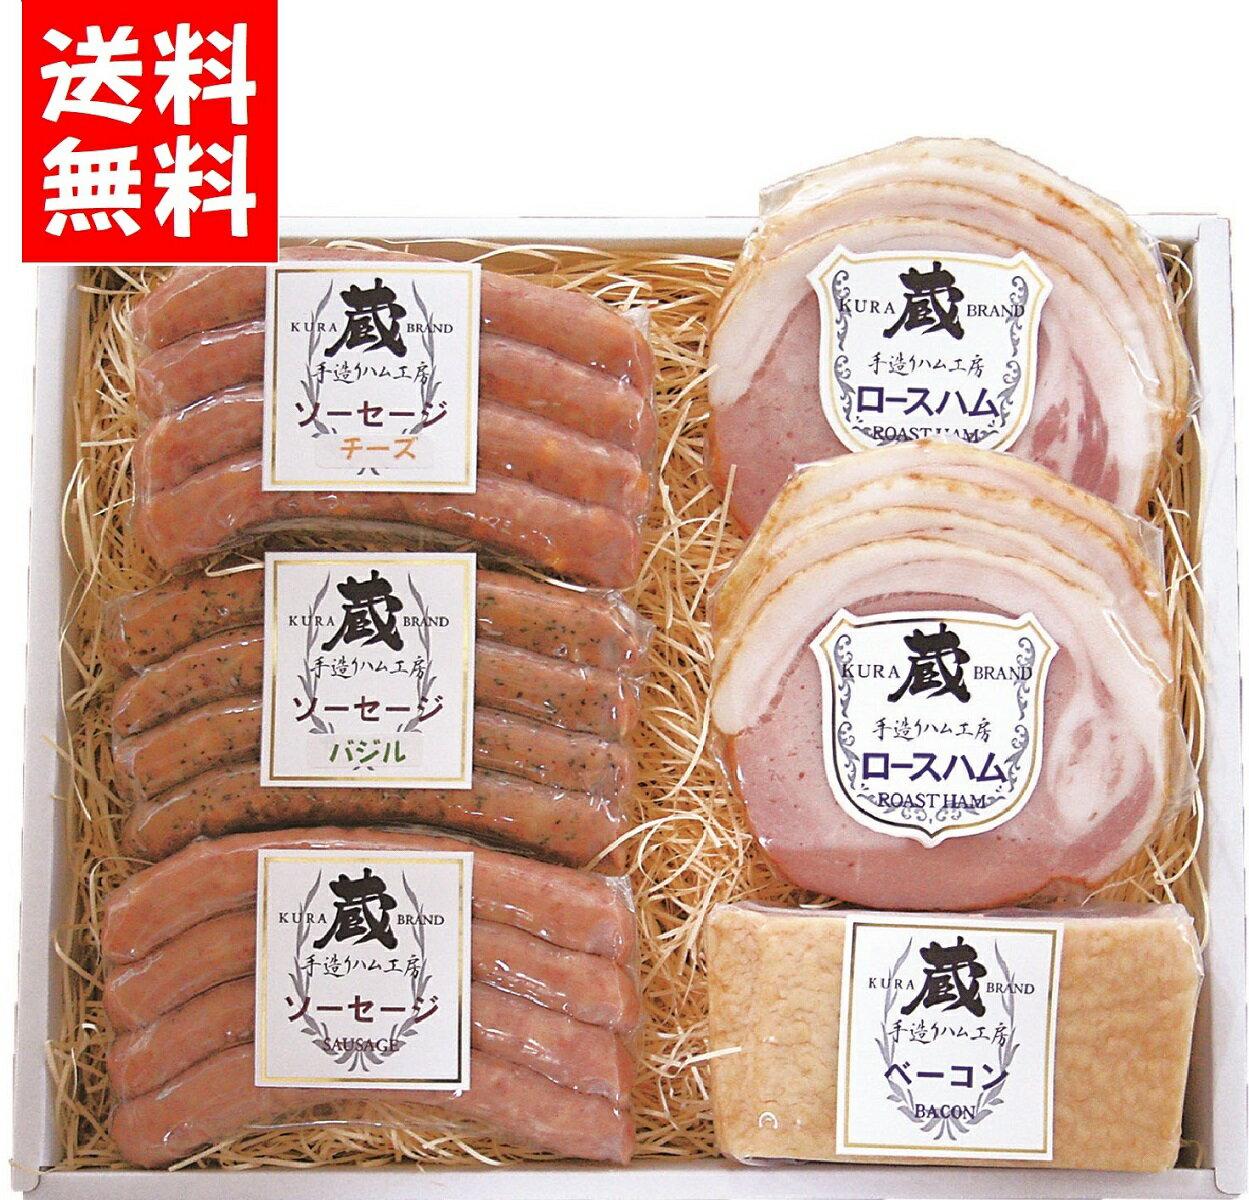 手造りハム工房蔵 A12    ベーコン・ロースハム・(ポーク100%、チーズ、バジル)ソーセージギフト